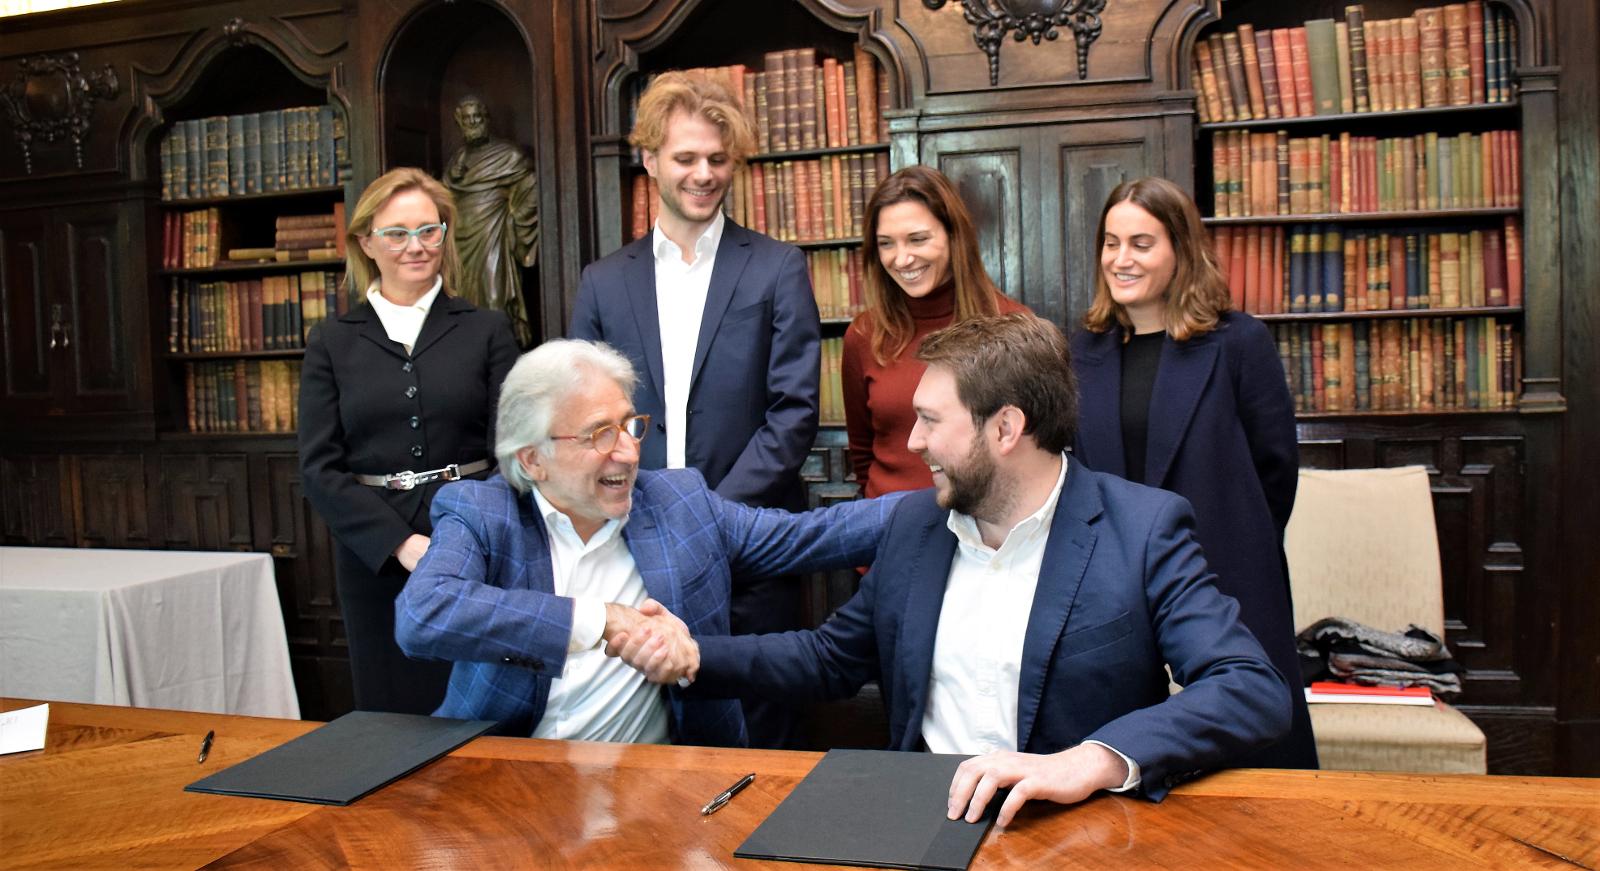 Foment i el Talent Hub Institute col·laboren per connectar joves talentosos amb el món empresarial